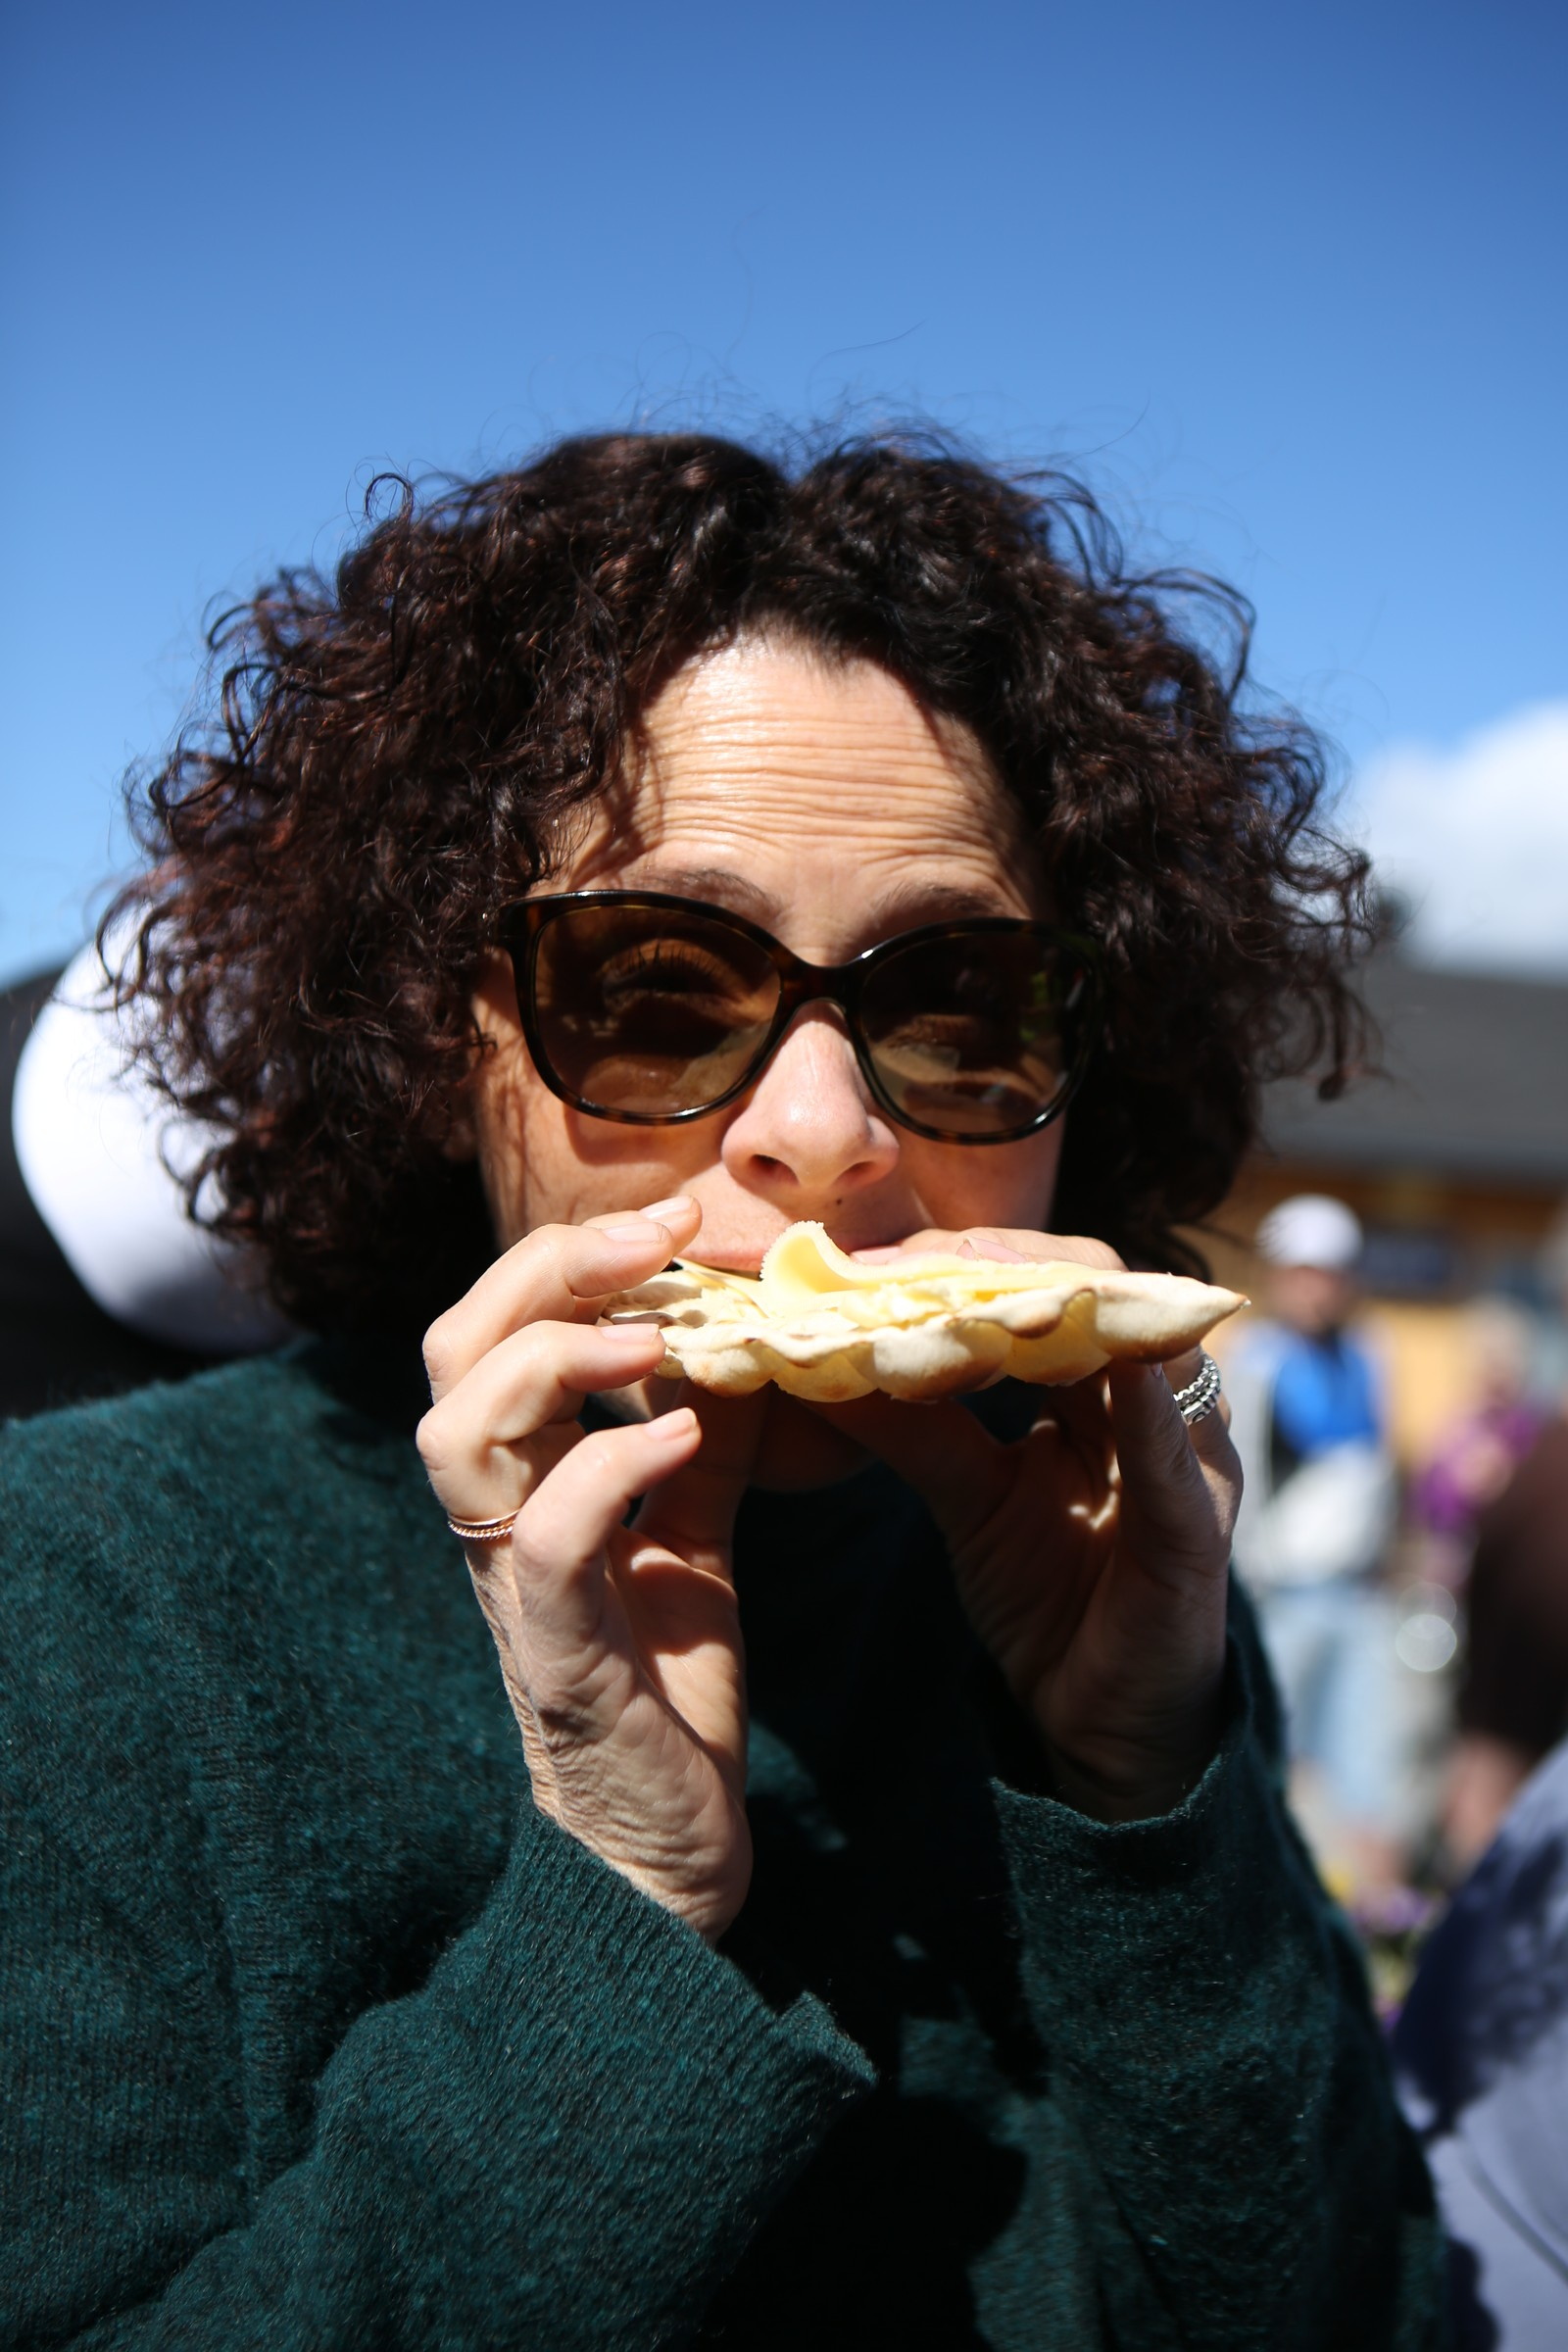 Nadia Hasnaoui fikk også smake: «Kjempegodt!».